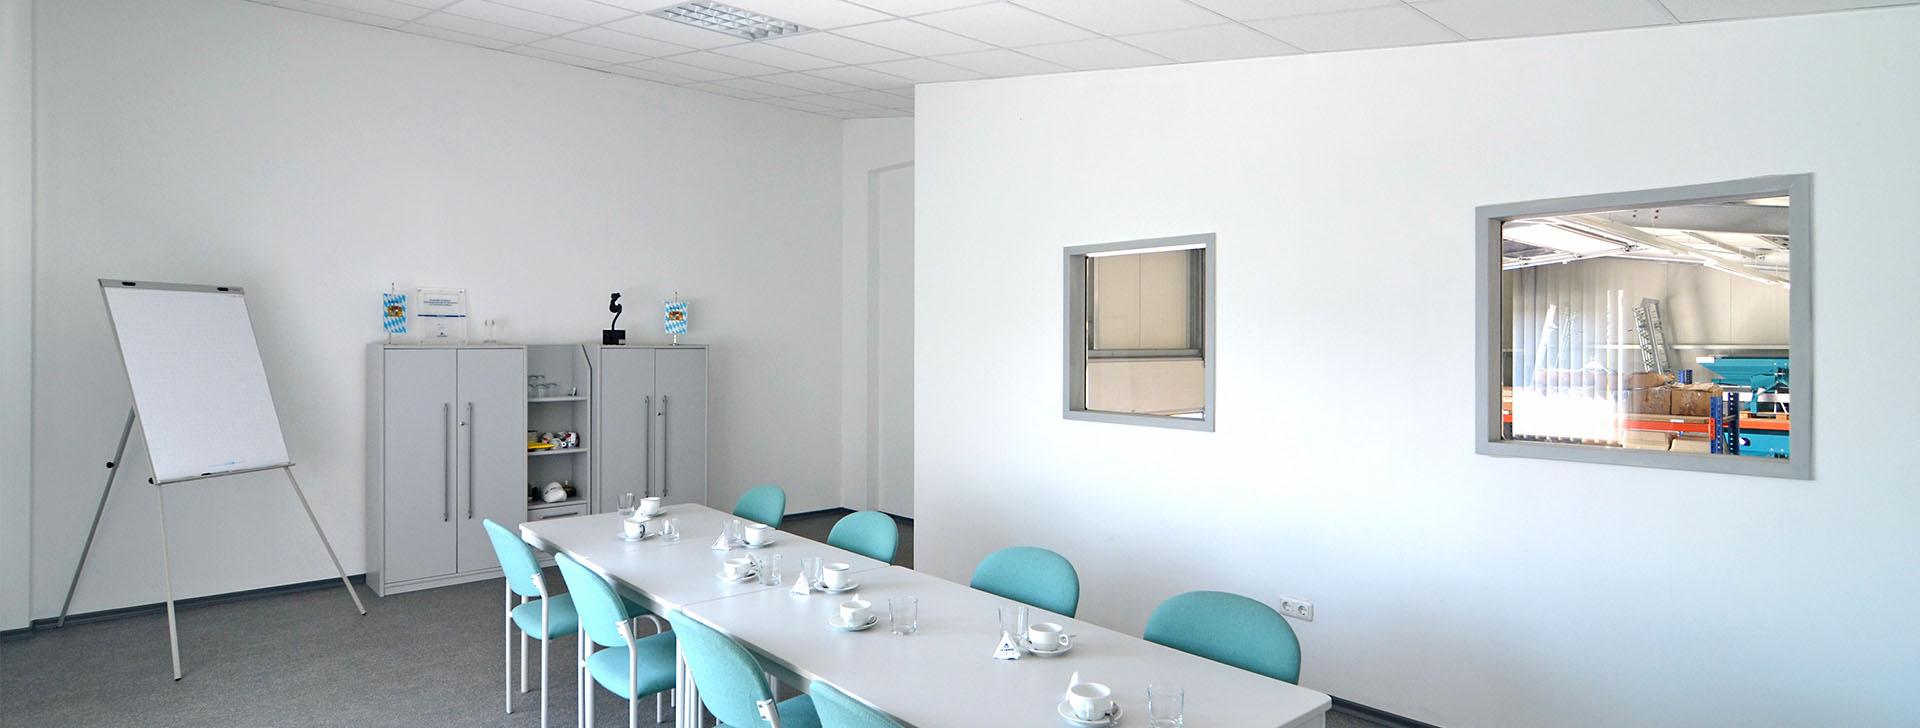 Besprechungsraum mit Fenster